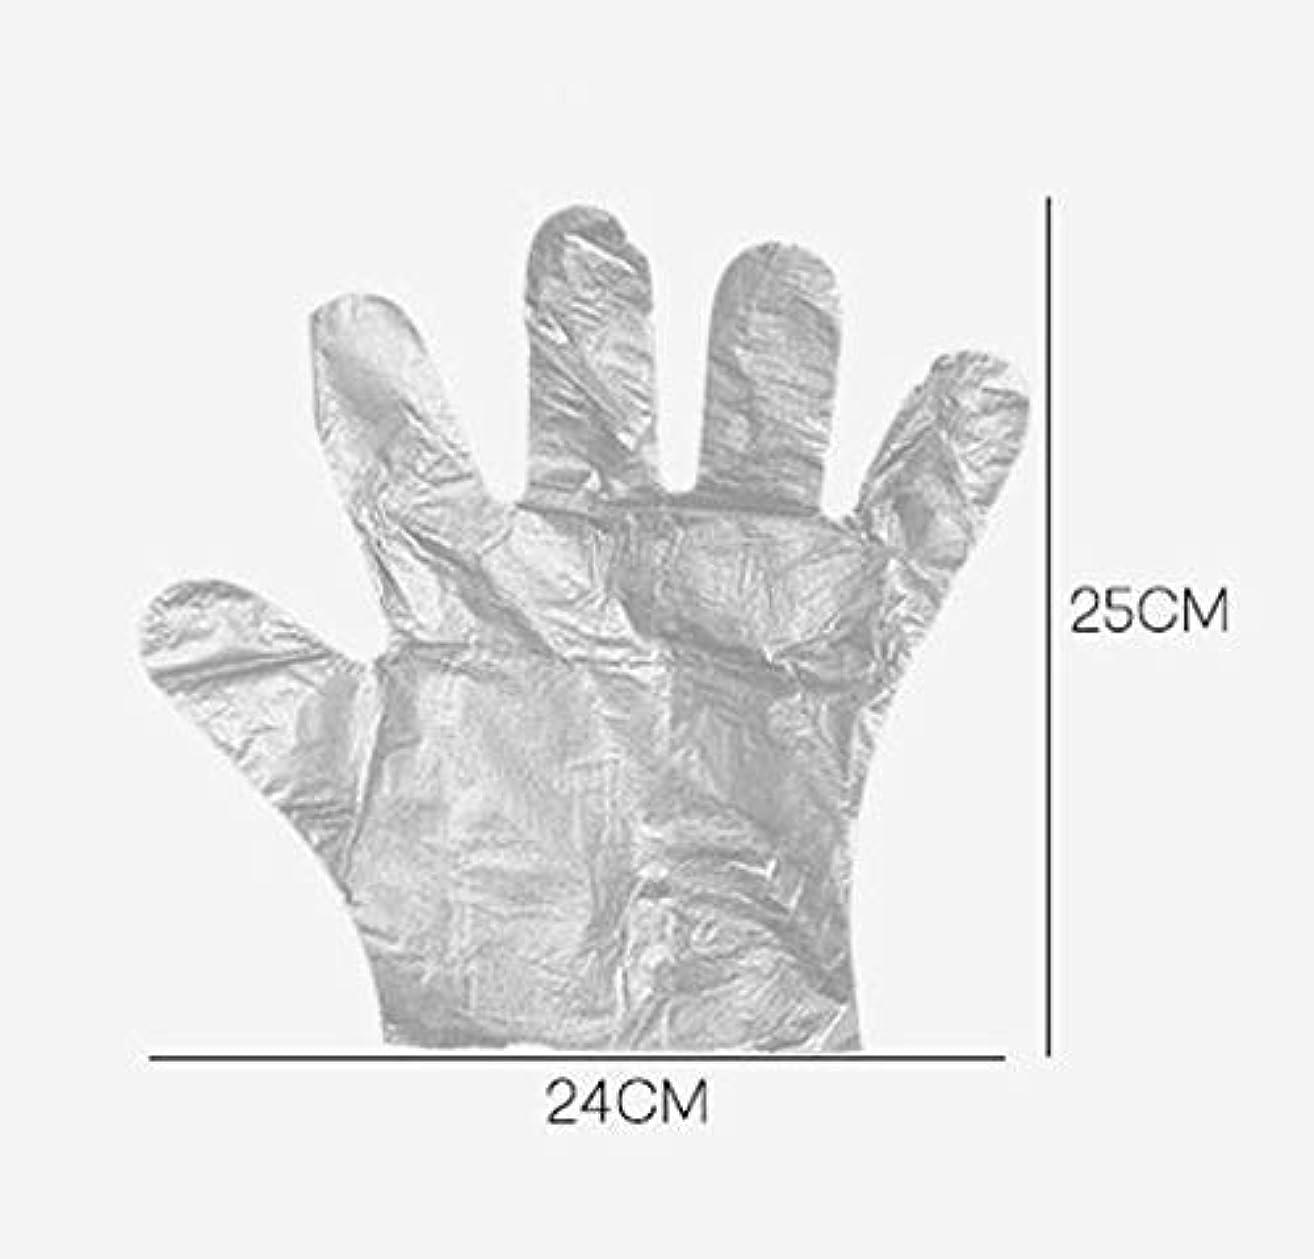 撤回する土器切り離すHJ ポリ手袋 使い捨て手袋 ポリエチレン使い切り手袋 極薄い 使い切り手袋 透明手袋 耐油 防水 介護 トイレ掃除 左右兼用 手荒れを防ぎ 素手 薄いタイプ (1000ペアセット)